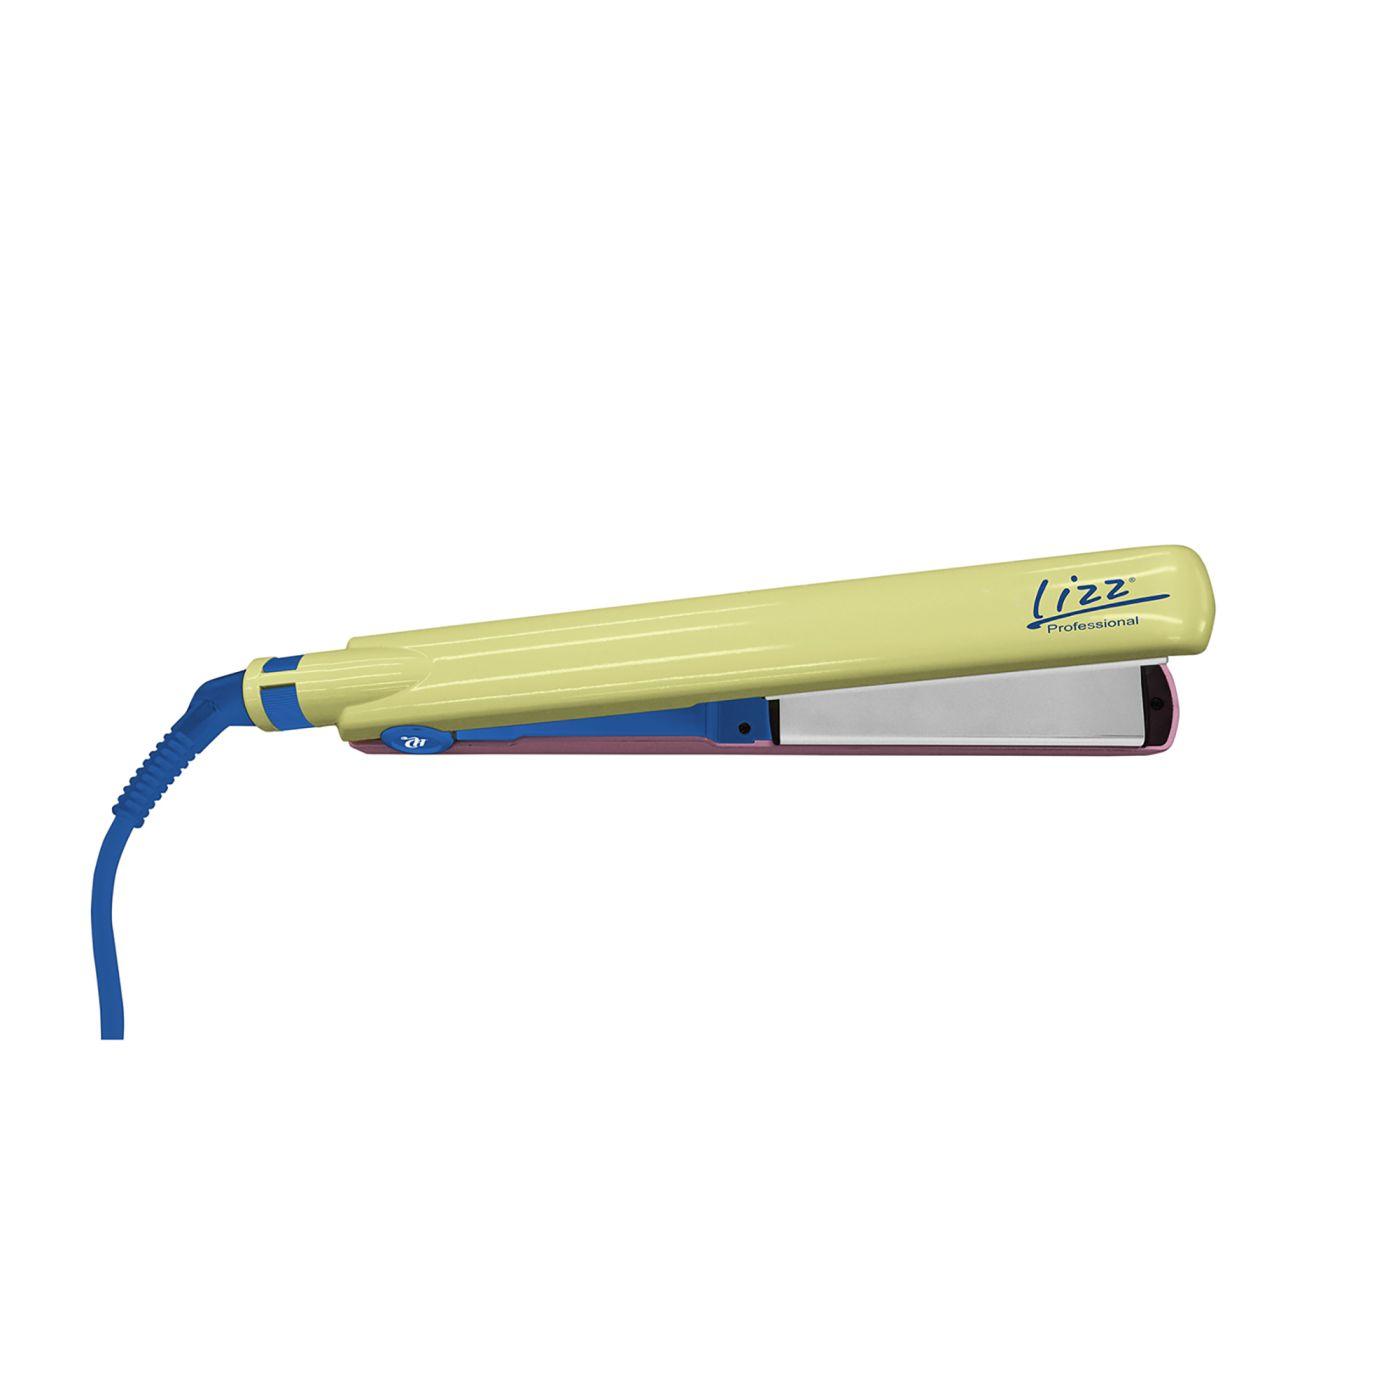 Prancha Profissional Capricho 450F - AT1000 - 230ºC - Bivolt - Lizz